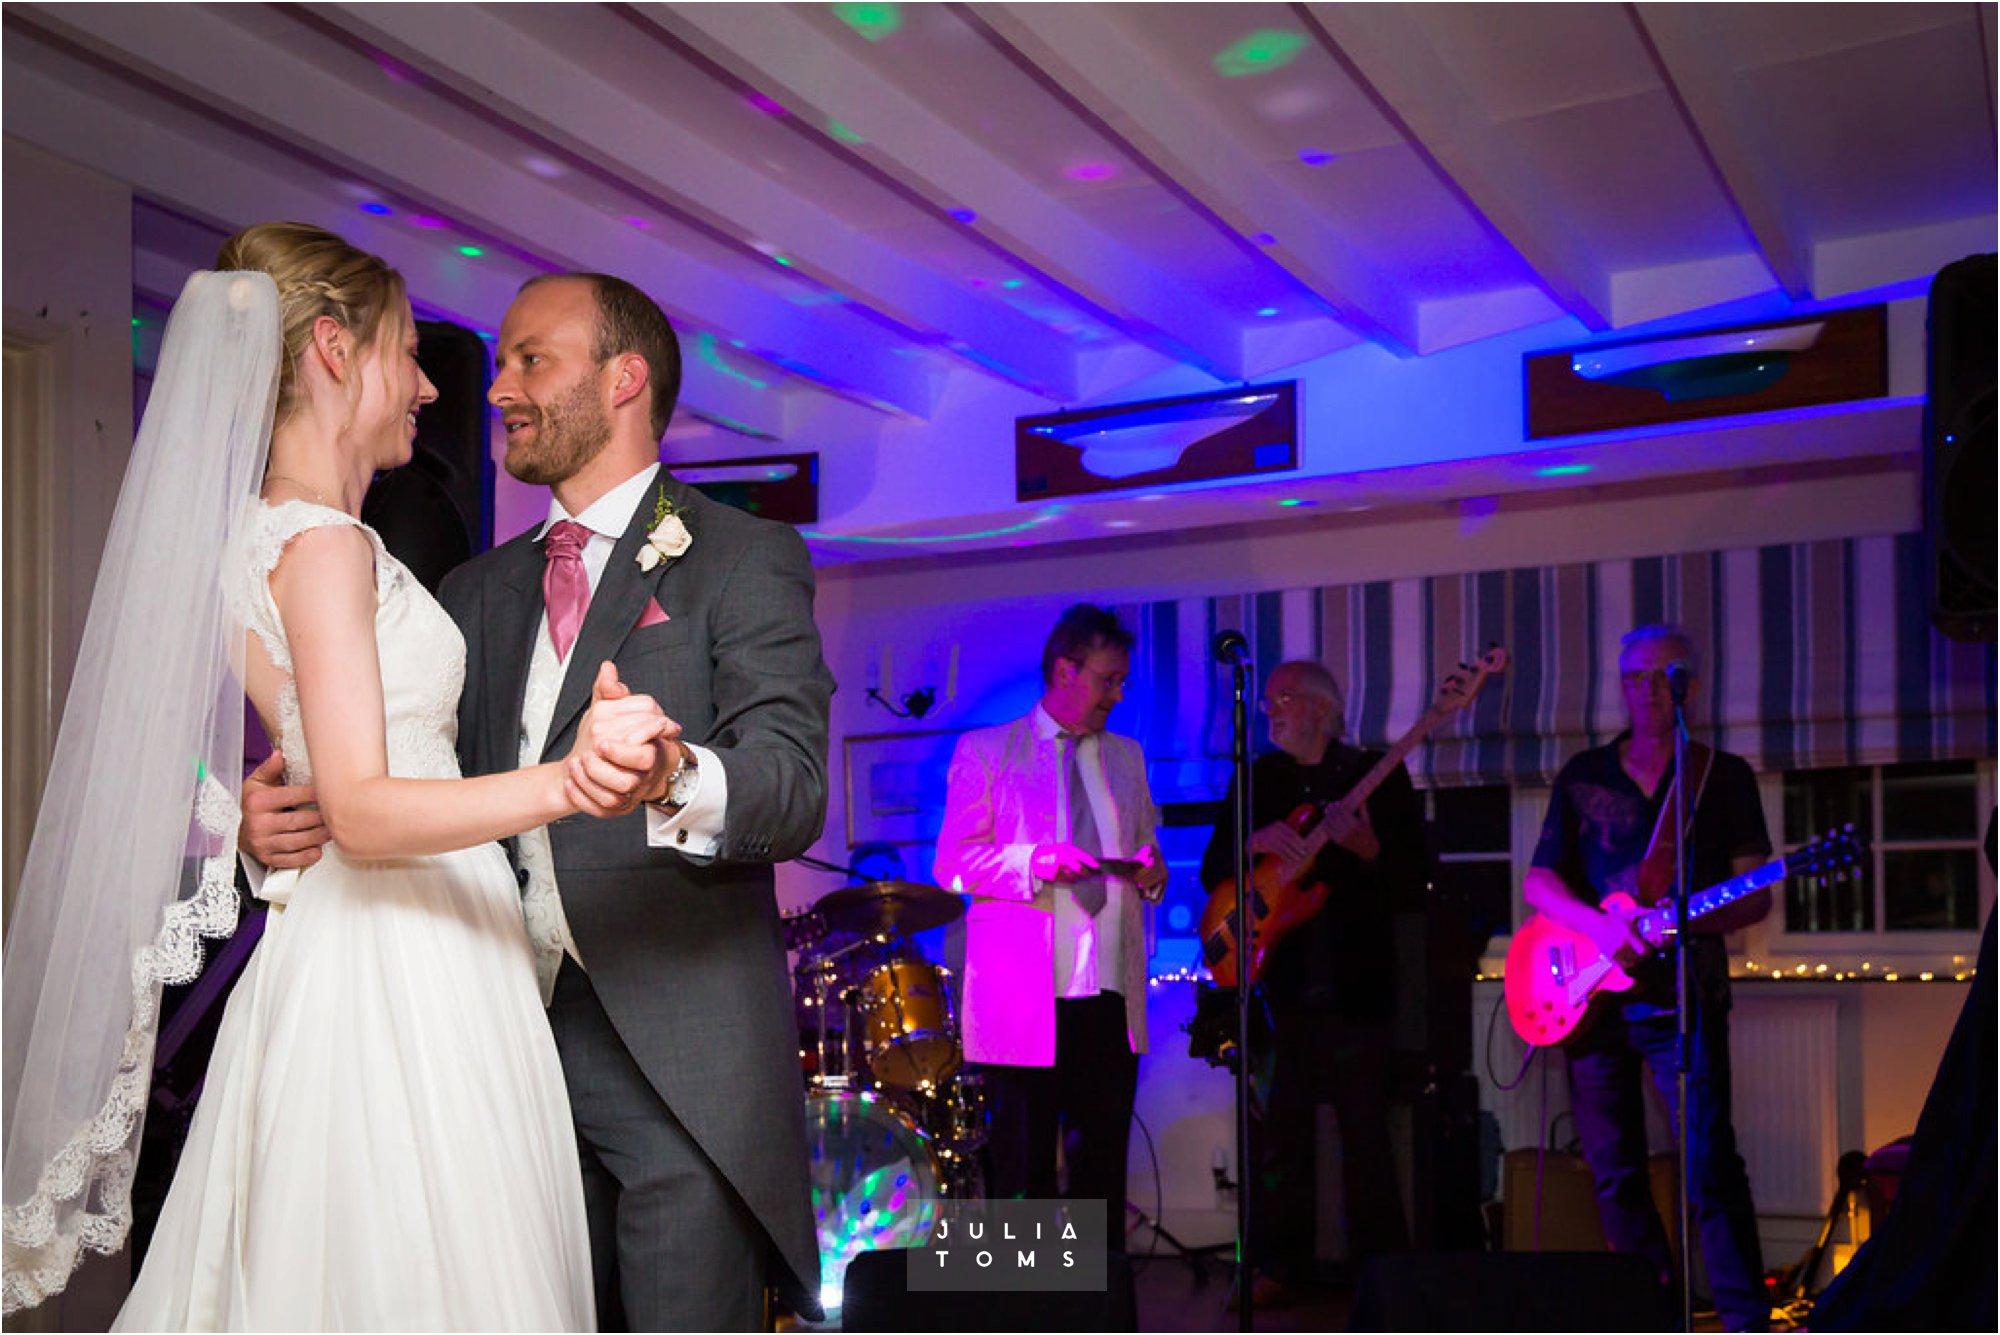 itchenor_wedding_chichester_photographer_091.jpg